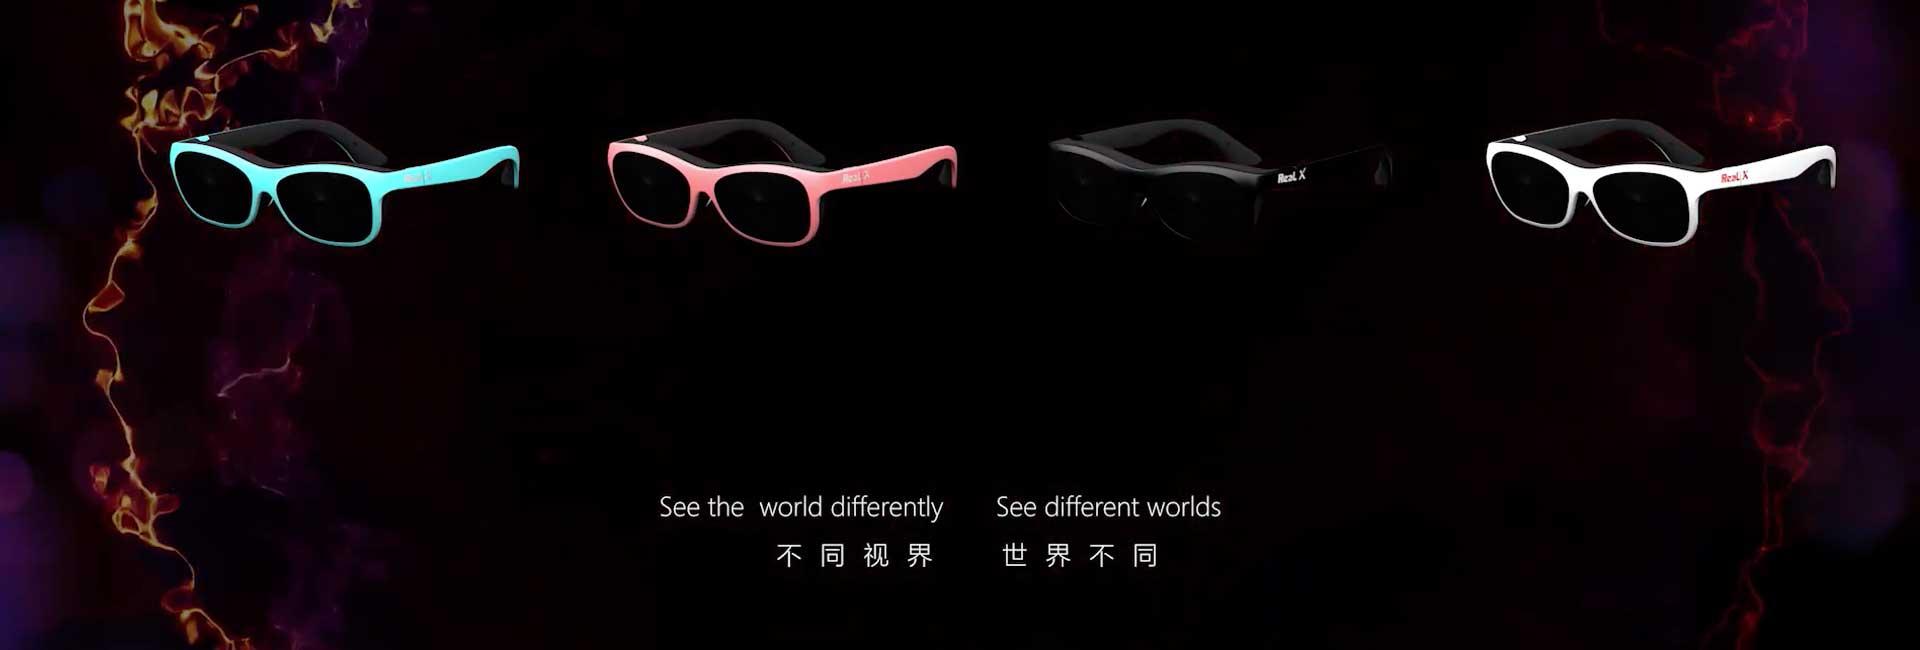 Oglasses-realx